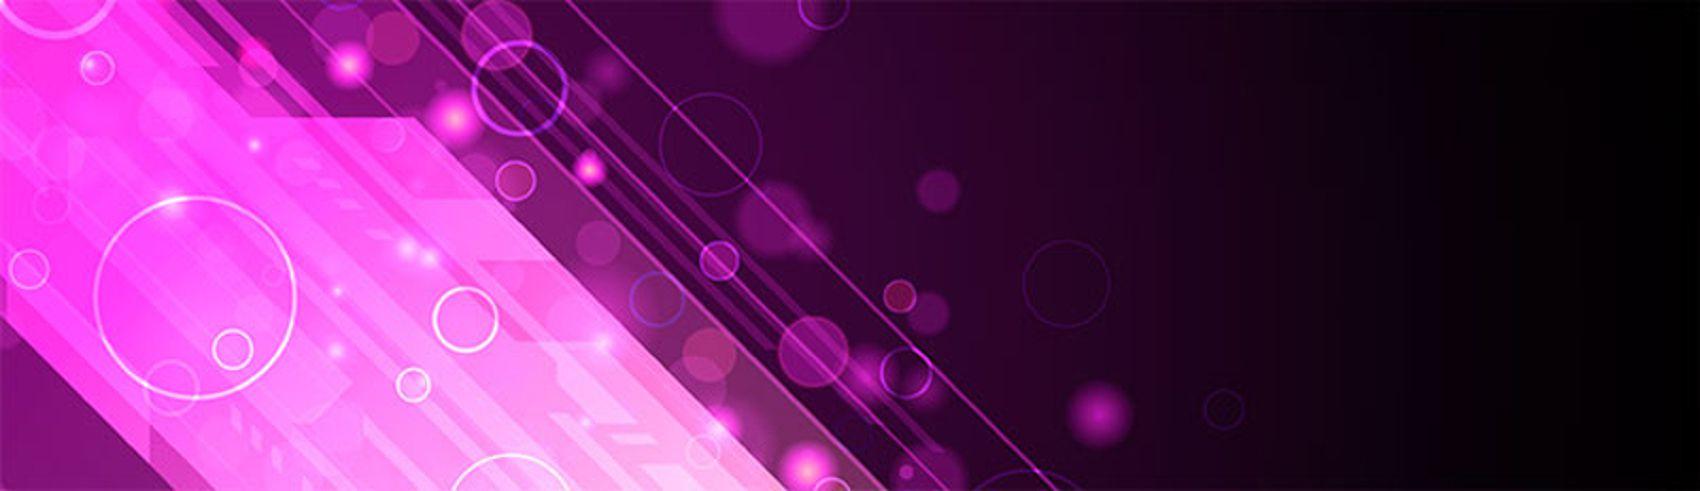 розово-фиолетовый абстрактный рисунок